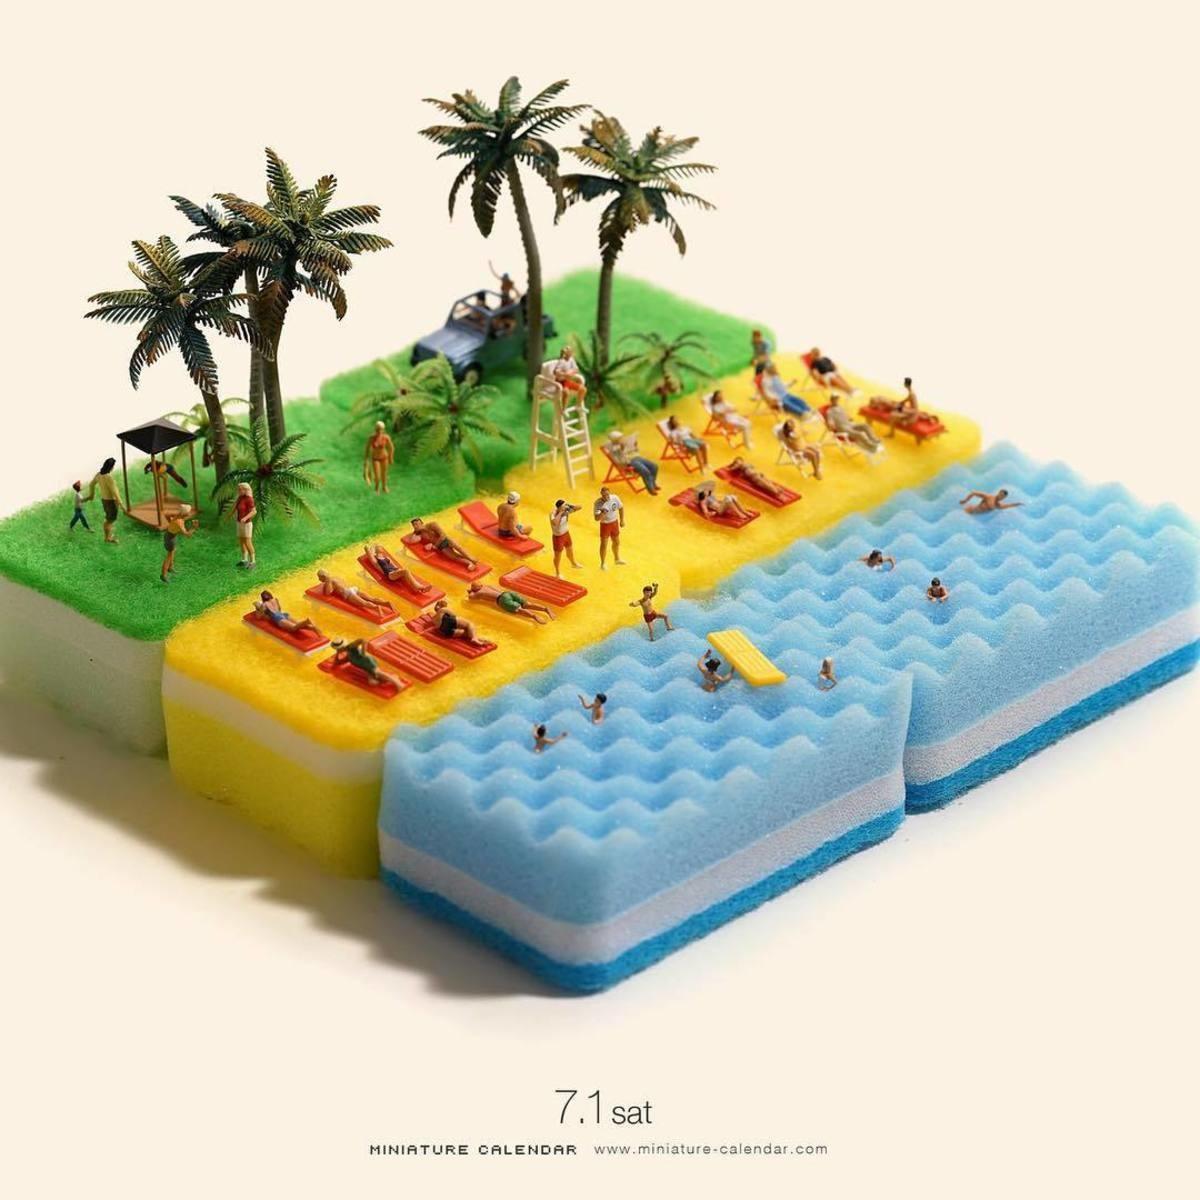 Miniature Calendar.Miniature Calendar Collection